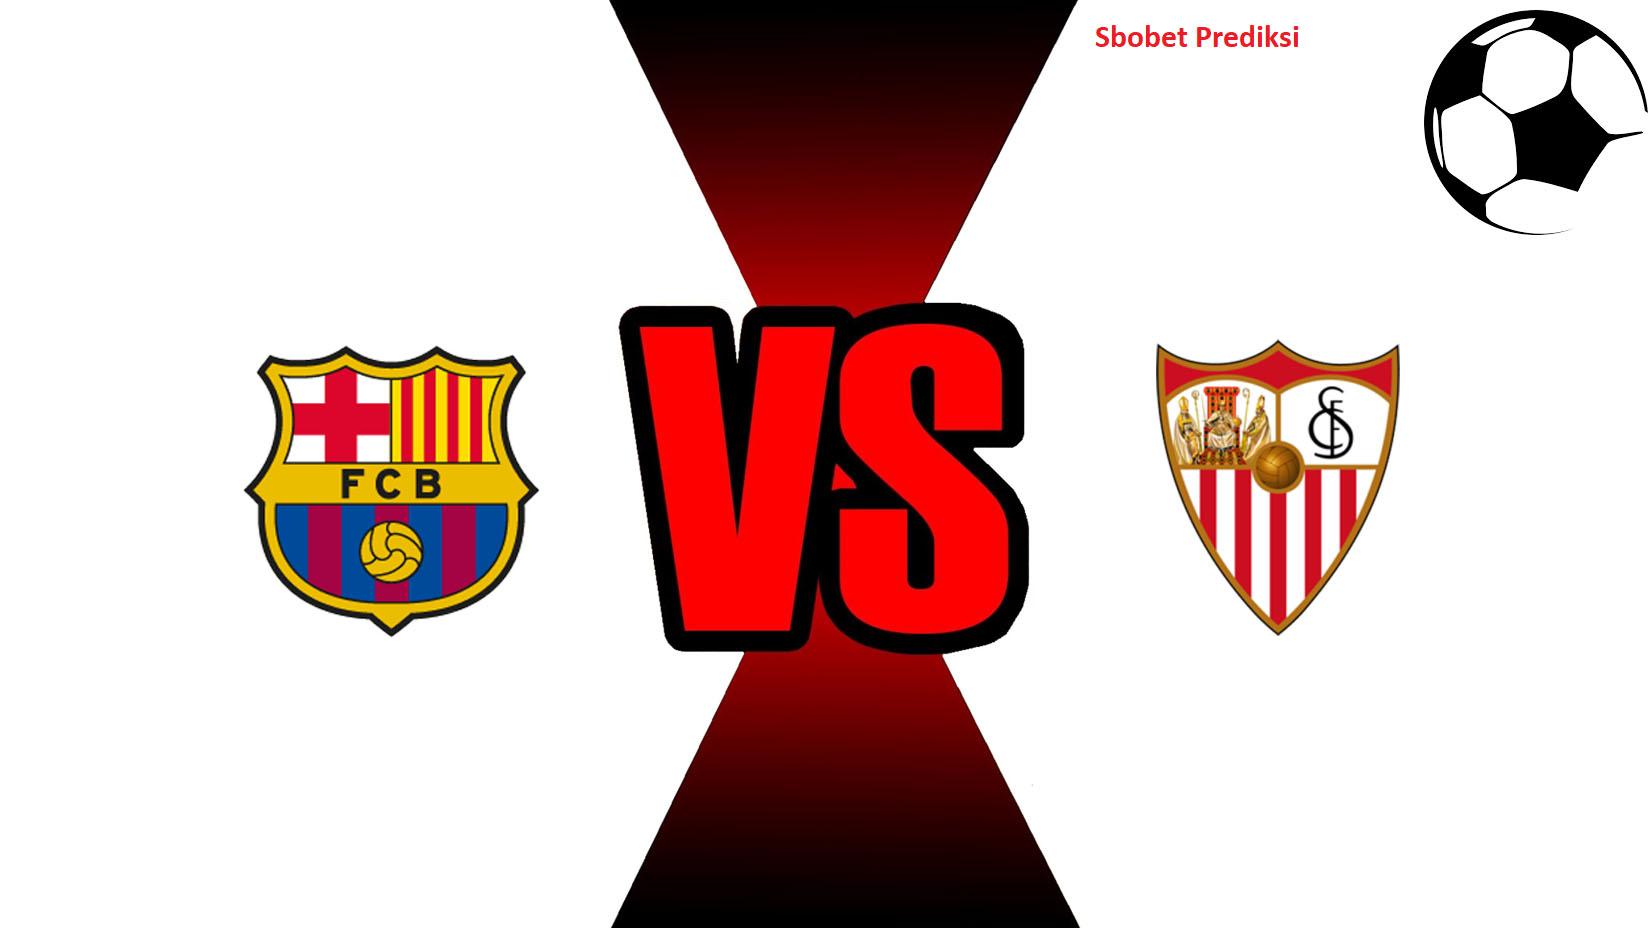 Prediksi Skor Bola Online Barcelona Vs Sevilla 21 Oktober 2018